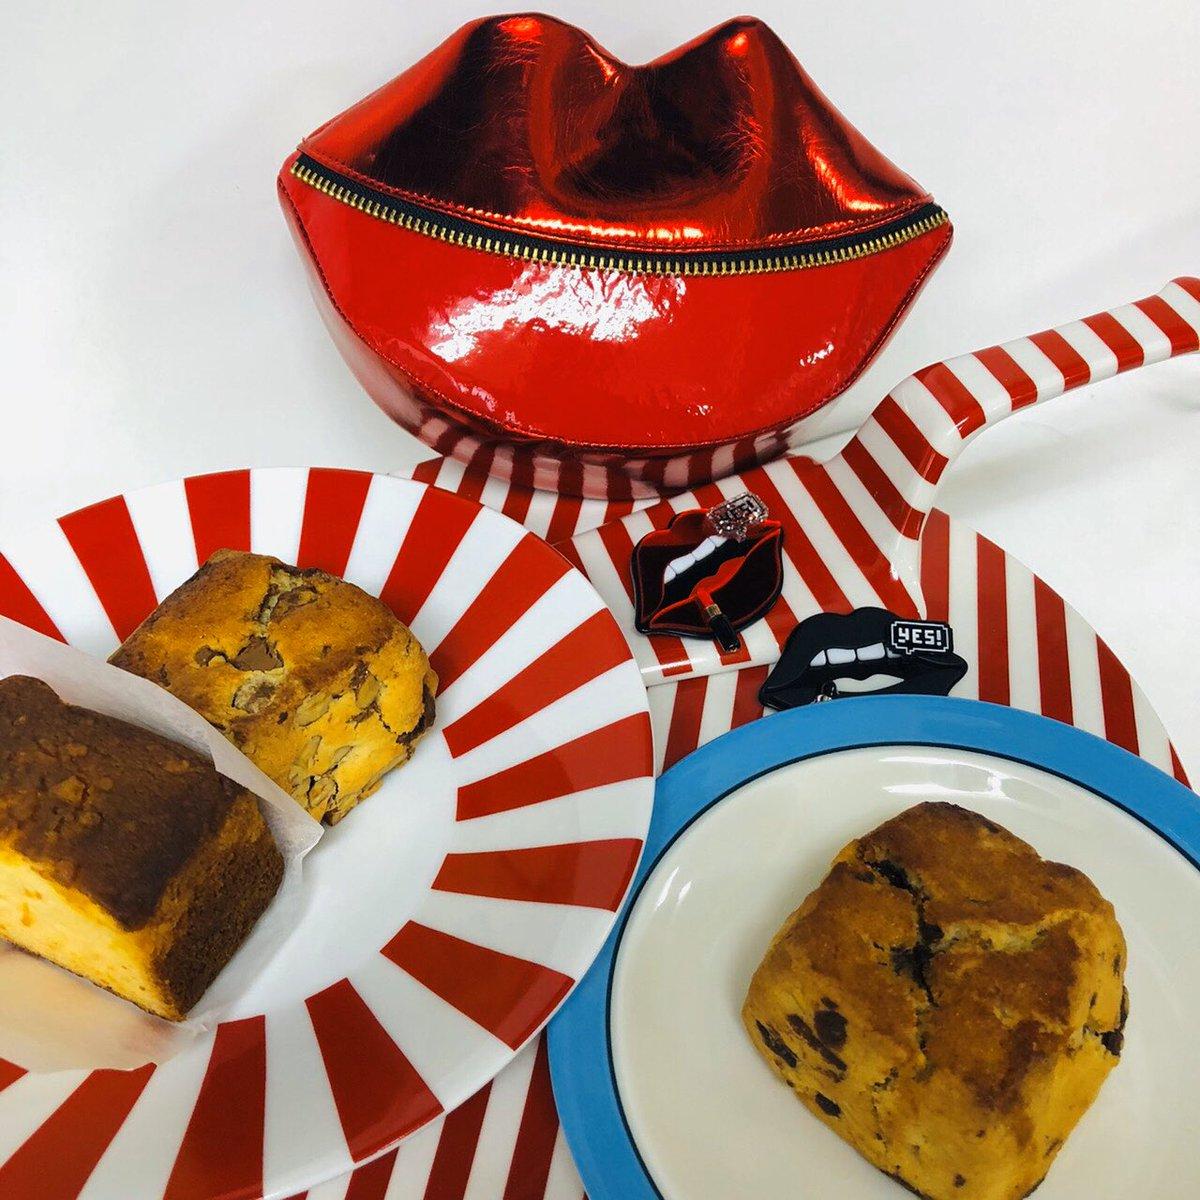 アトリエでお家カフェ 美味しいお菓子は^_^ 気分が幸せになります。 KITINのスコーンまた食べたいです。 #guriguri #raybeams #beams #beamswomen #lip #chat #brooch #KITIN #スコーン #20ss #新作 #tokyo #japan #おしゃべり #繋がる #お家カフェpic.twitter.com/BfjGVwLGGs